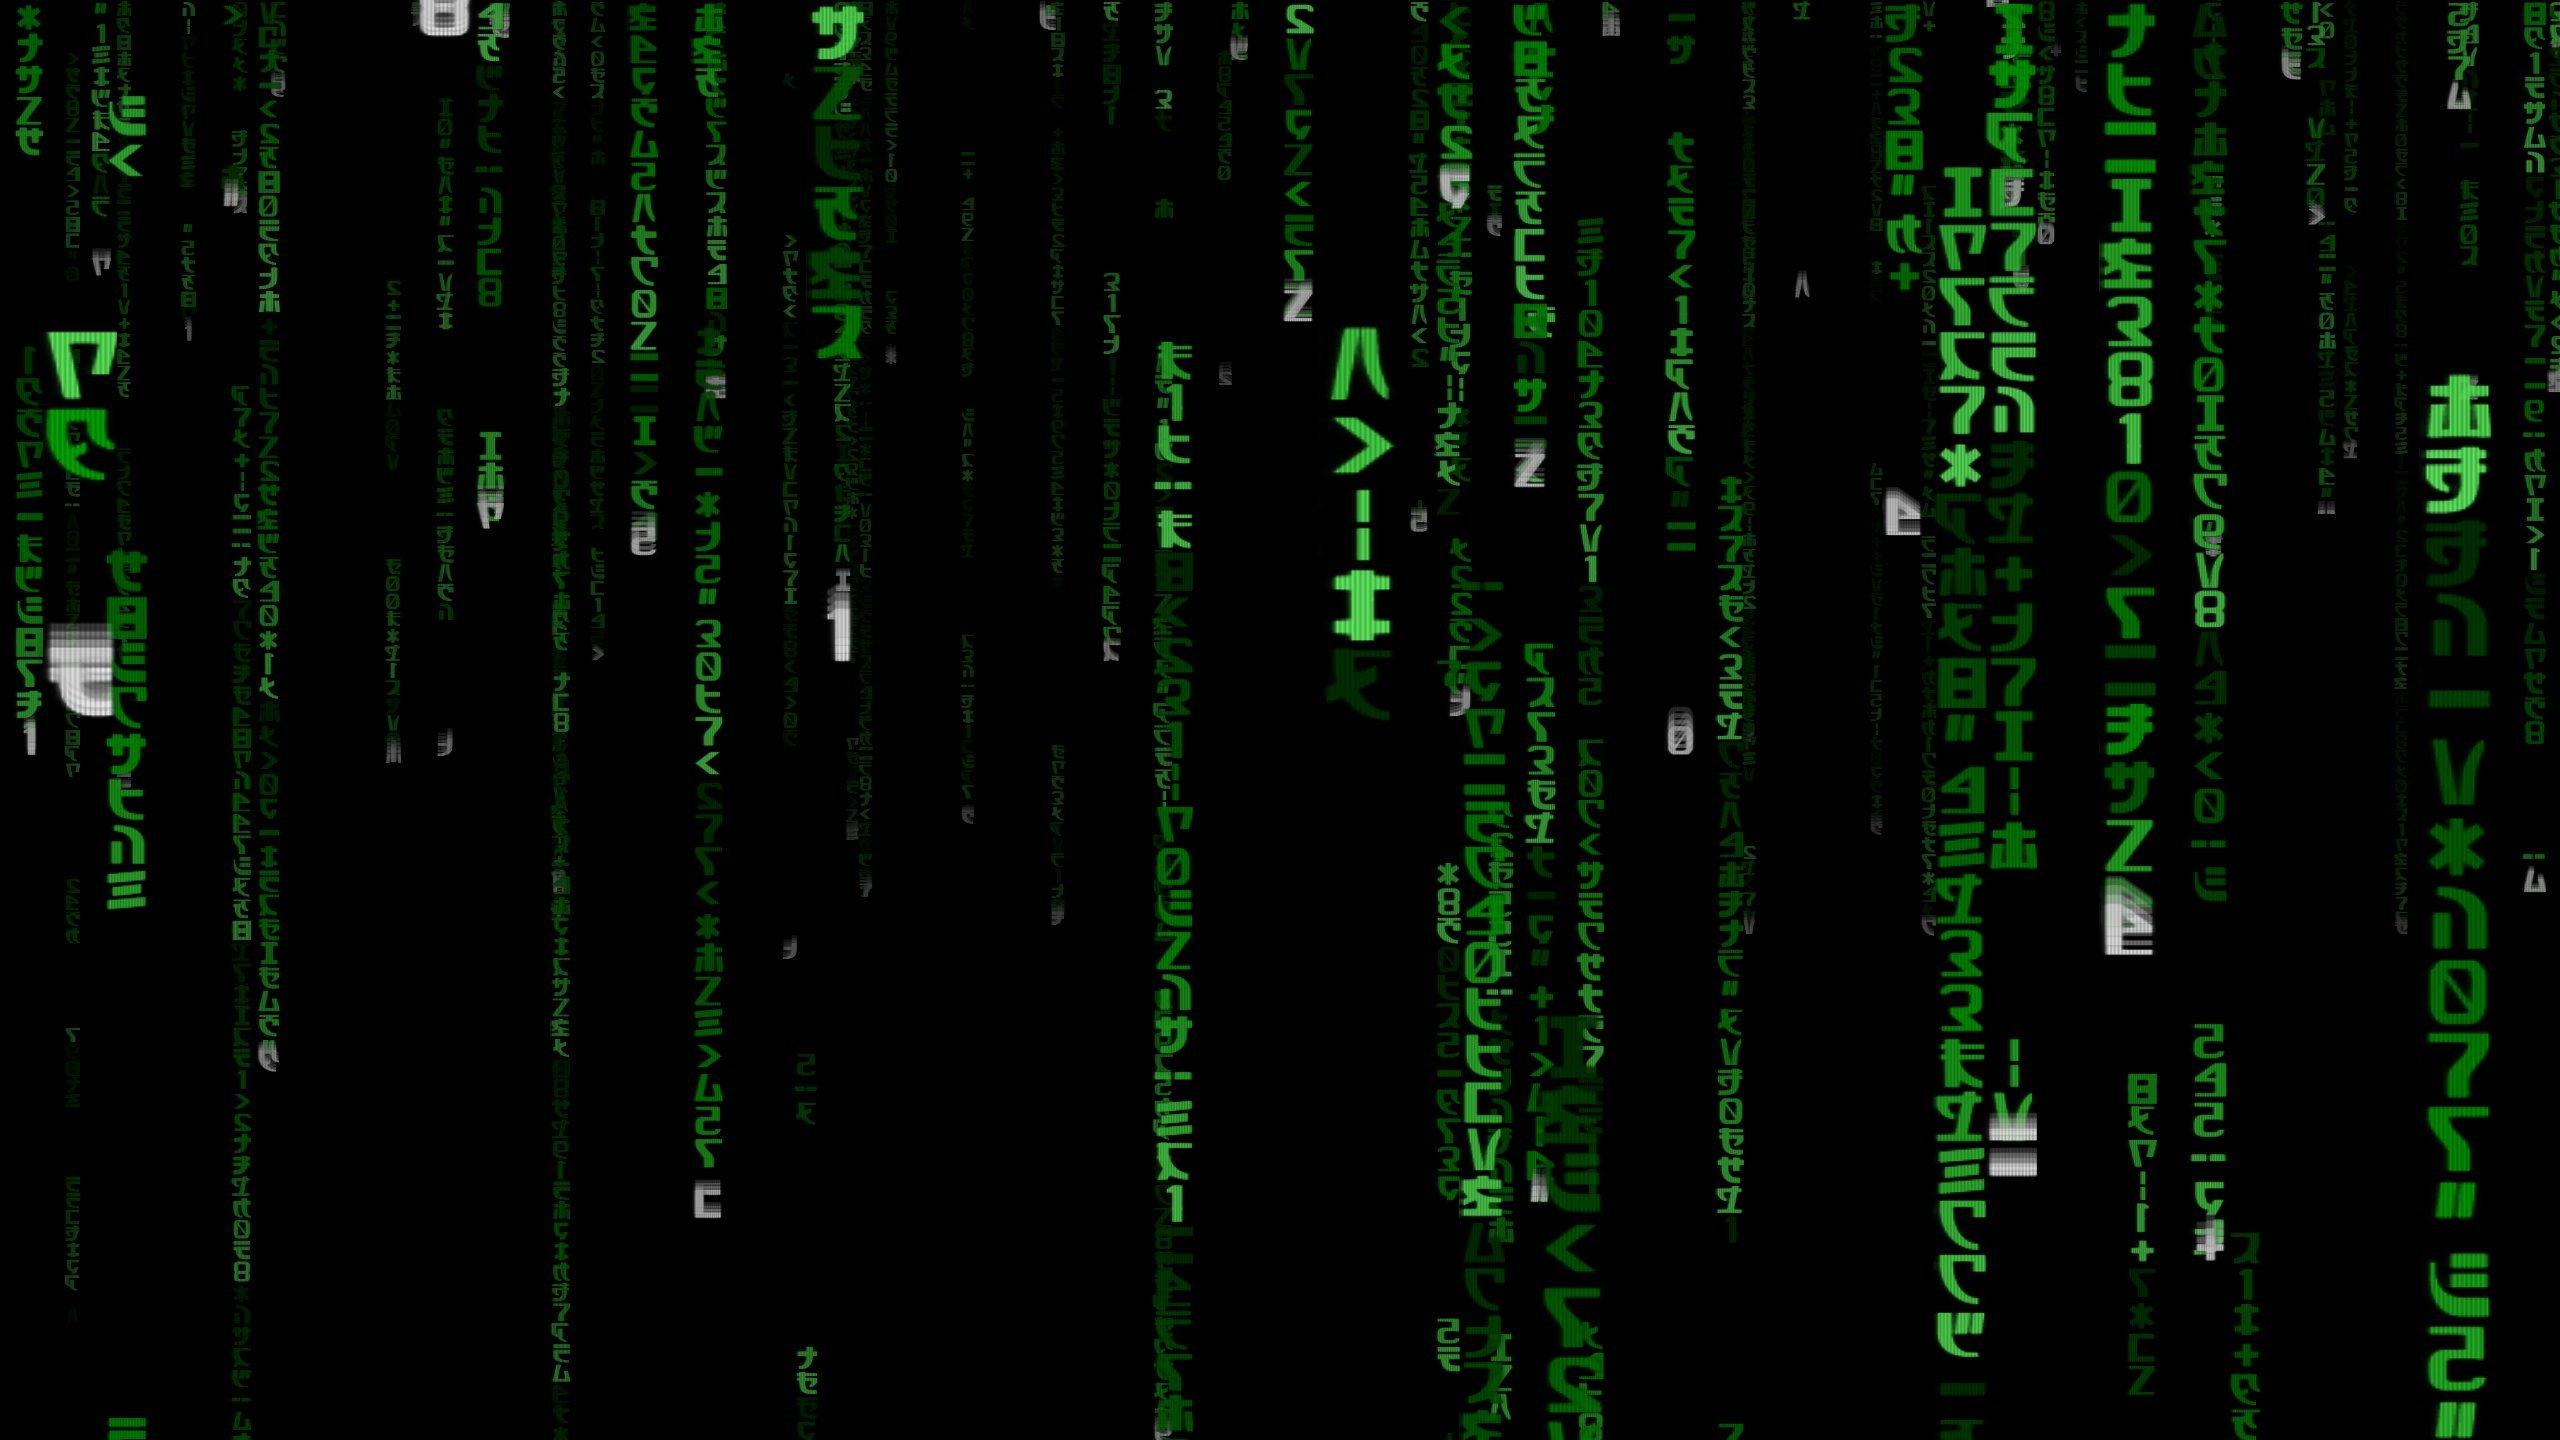 Screensaver wallpaper screen matrix   1296725 2560x1440